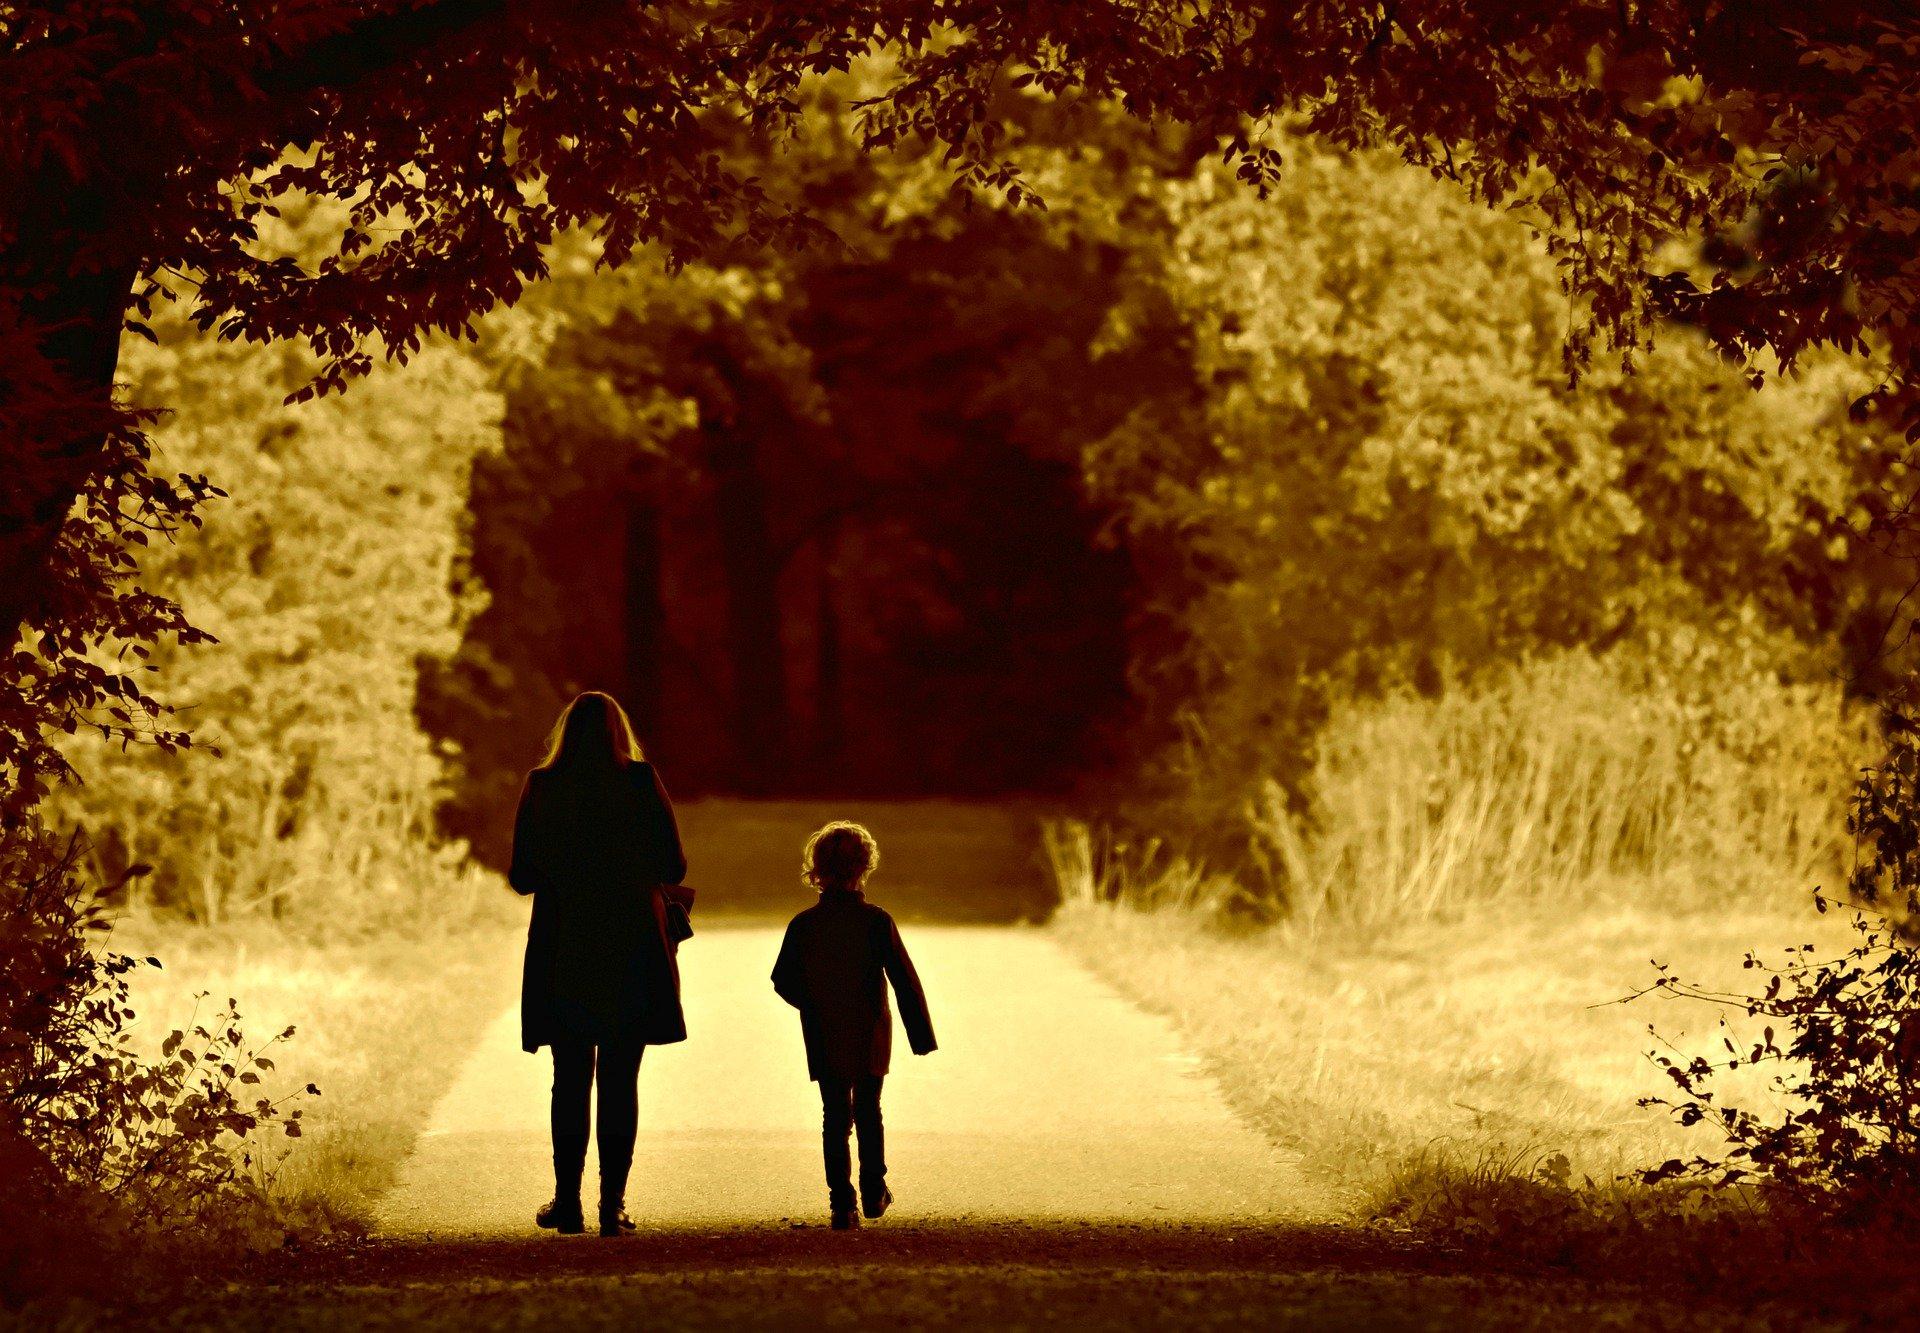 una donna ed un bambino di spalle mentre camminano in una strada circondata da piante